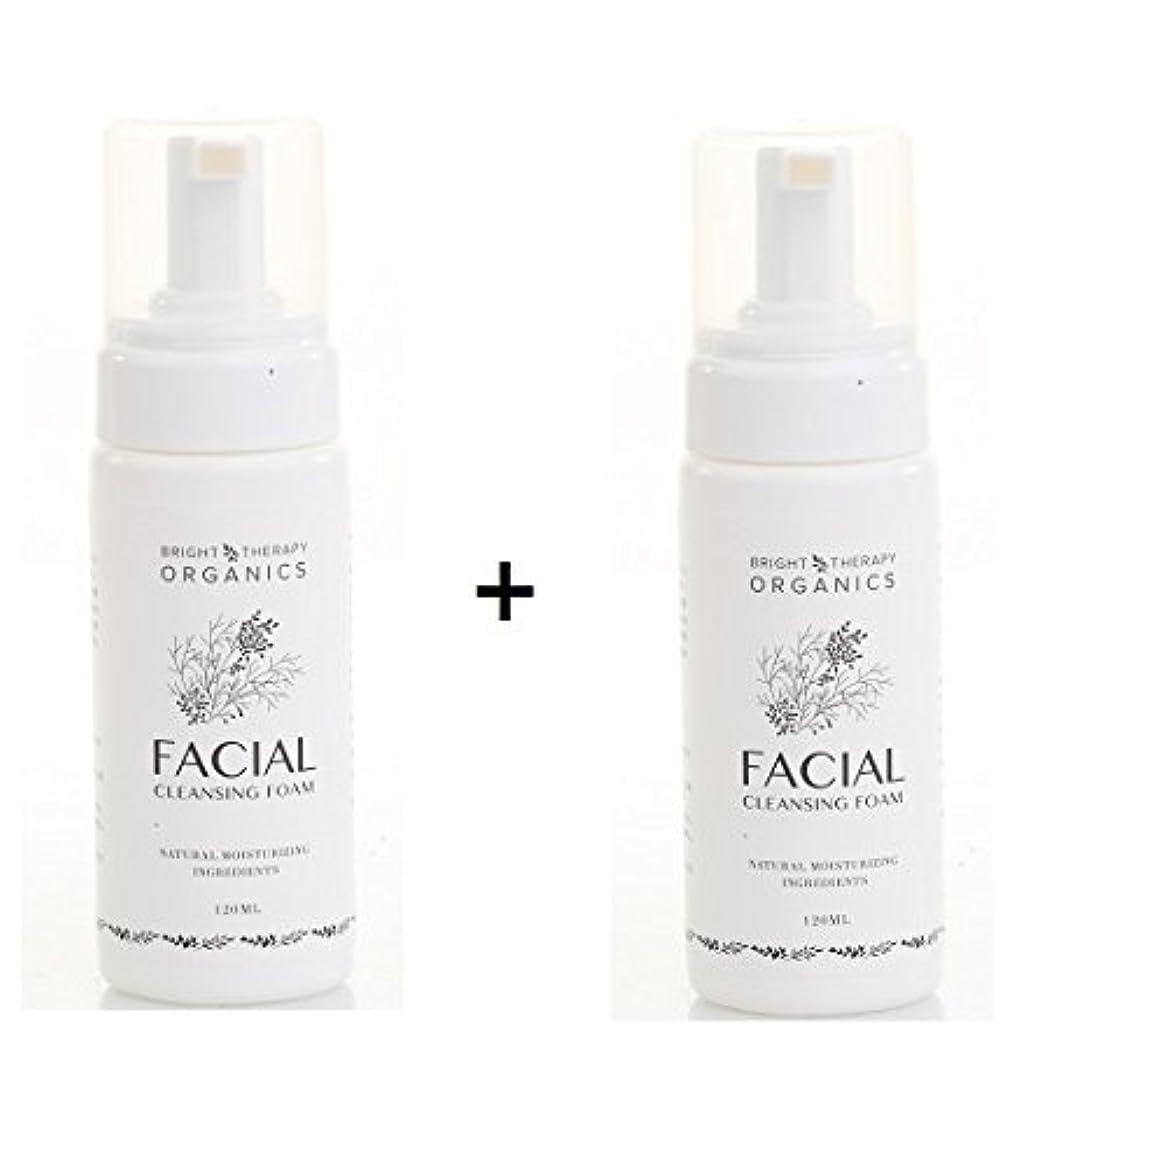 不幸広範囲に最大のBrighttherapy(ブライトセラピー)オーガニック洗顔フォーム 2本セット